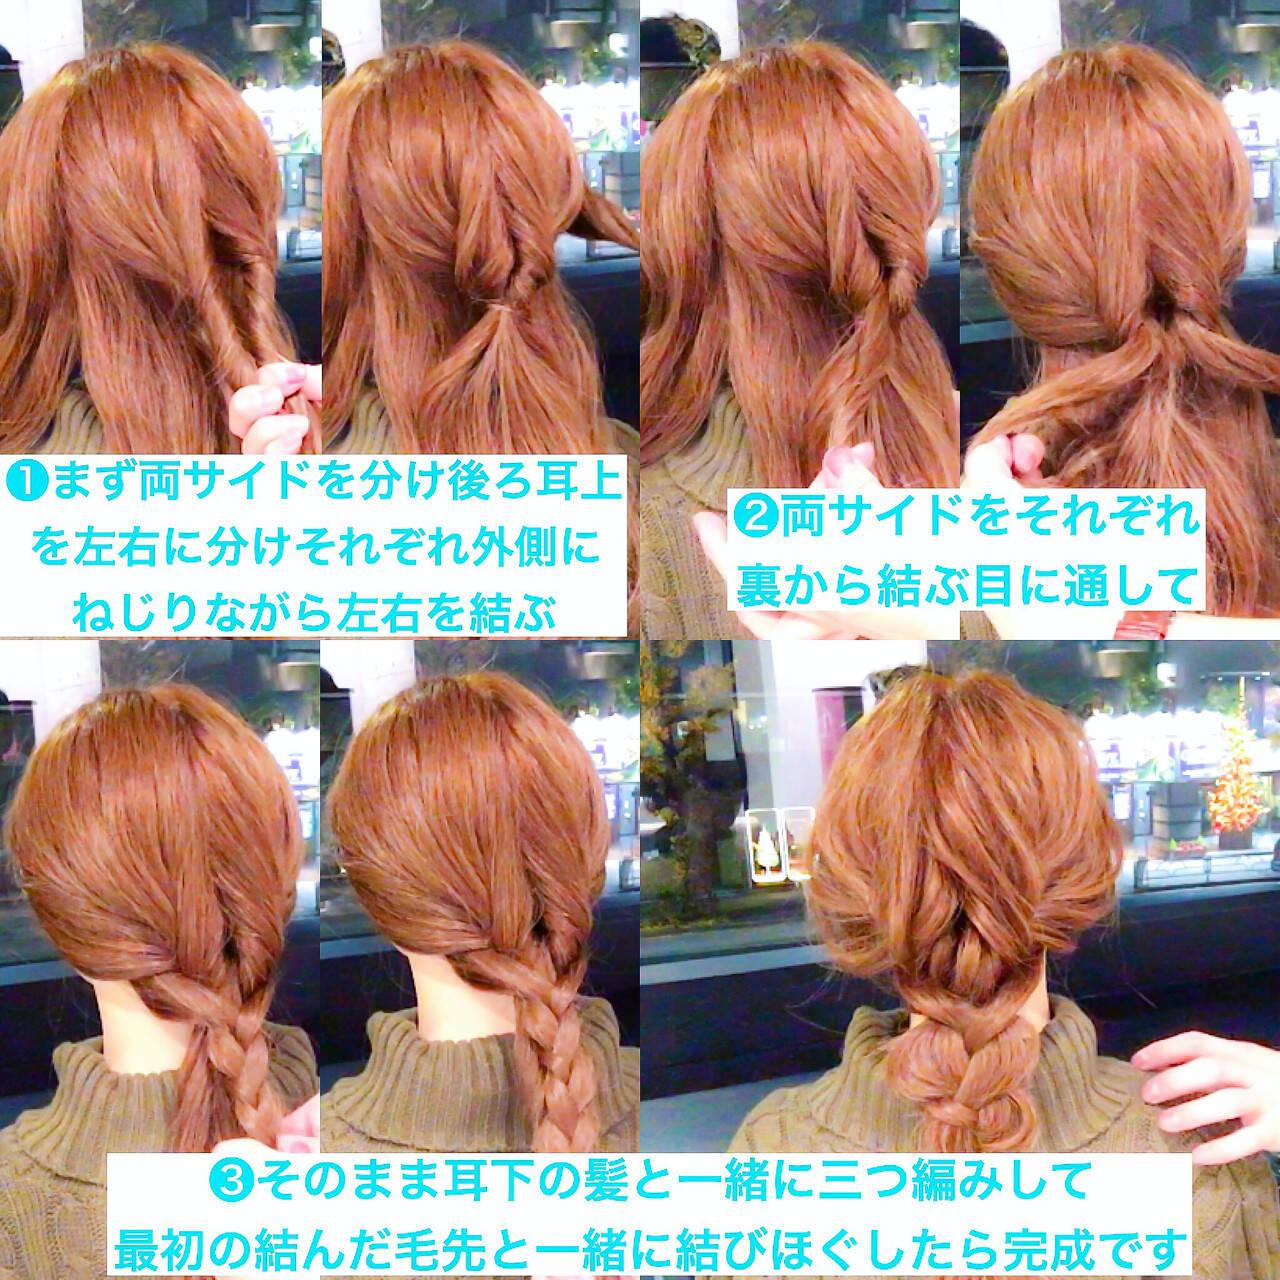 ロング デート フェミニン ヘアアレンジヘアスタイルや髪型の写真・画像